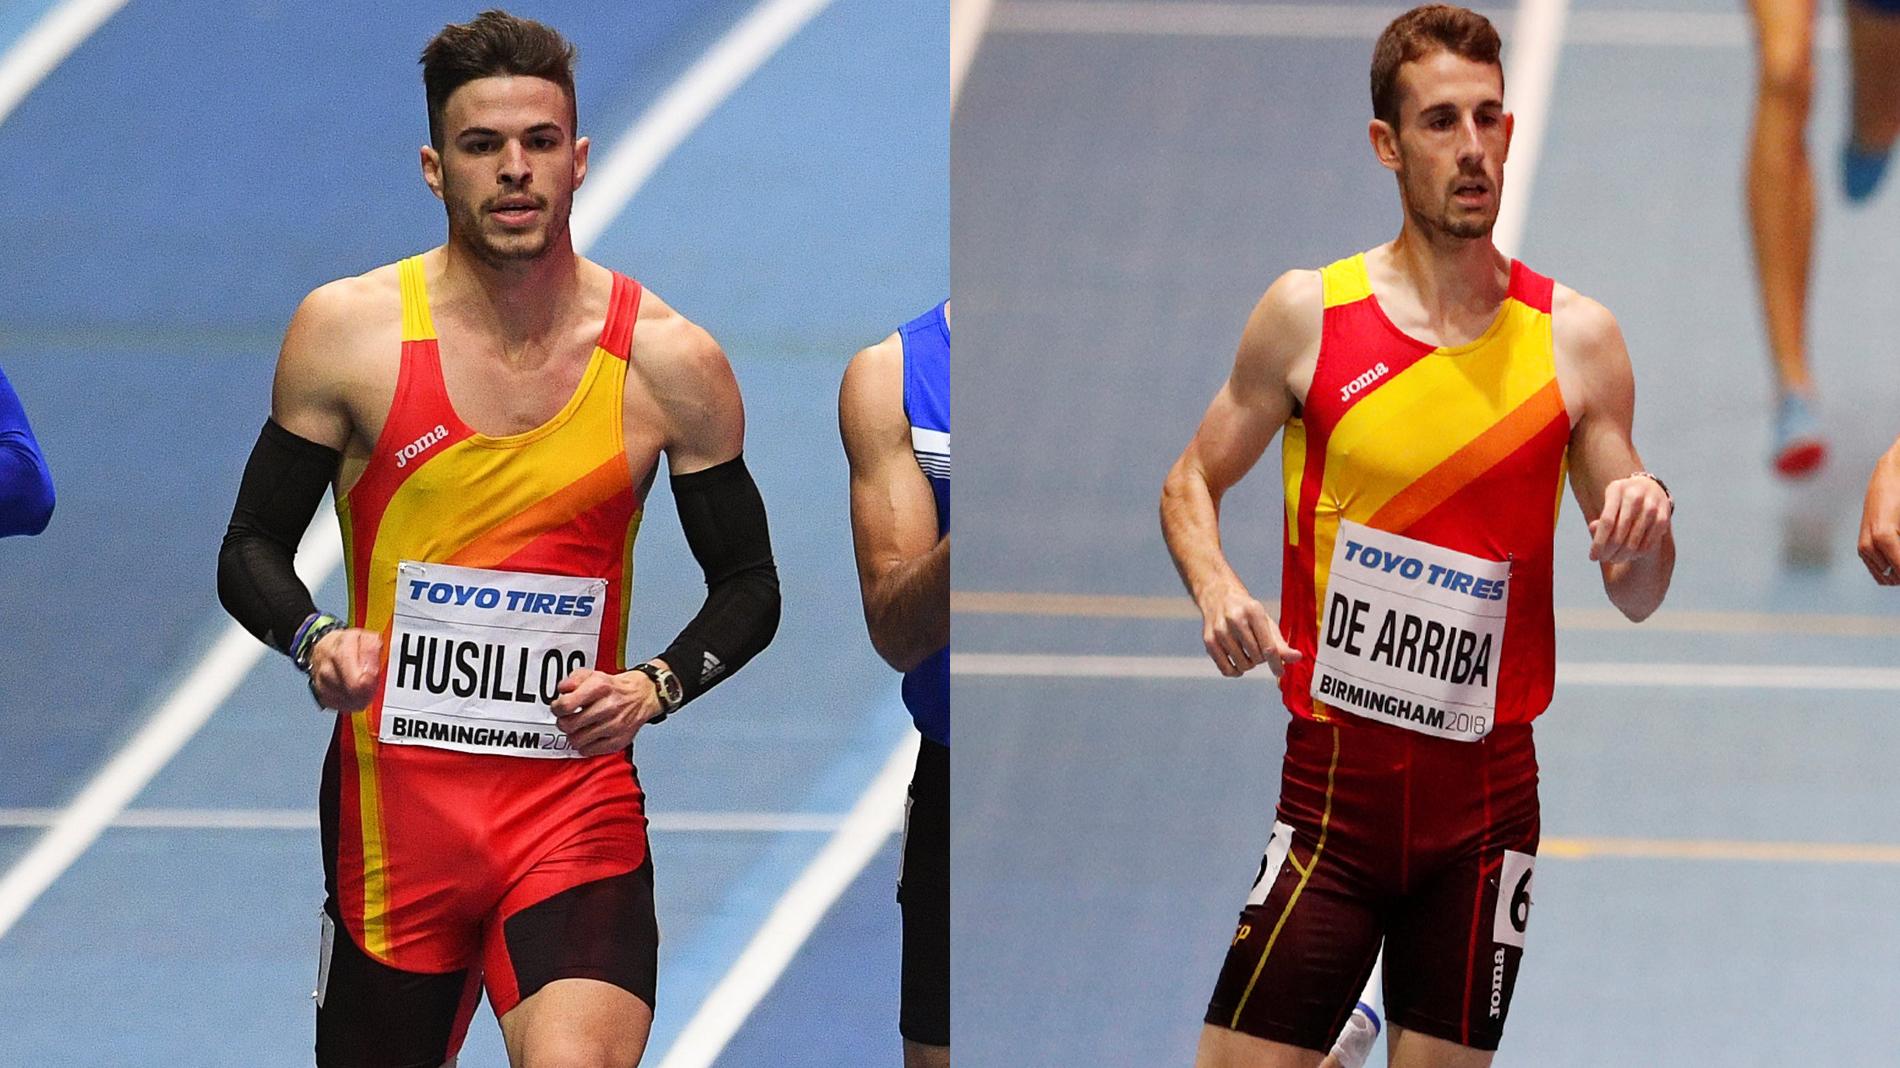 De Arriba, en 800, y Husillos, en 400: dos atletas que brillan en Birgmingham con estilos diferentes